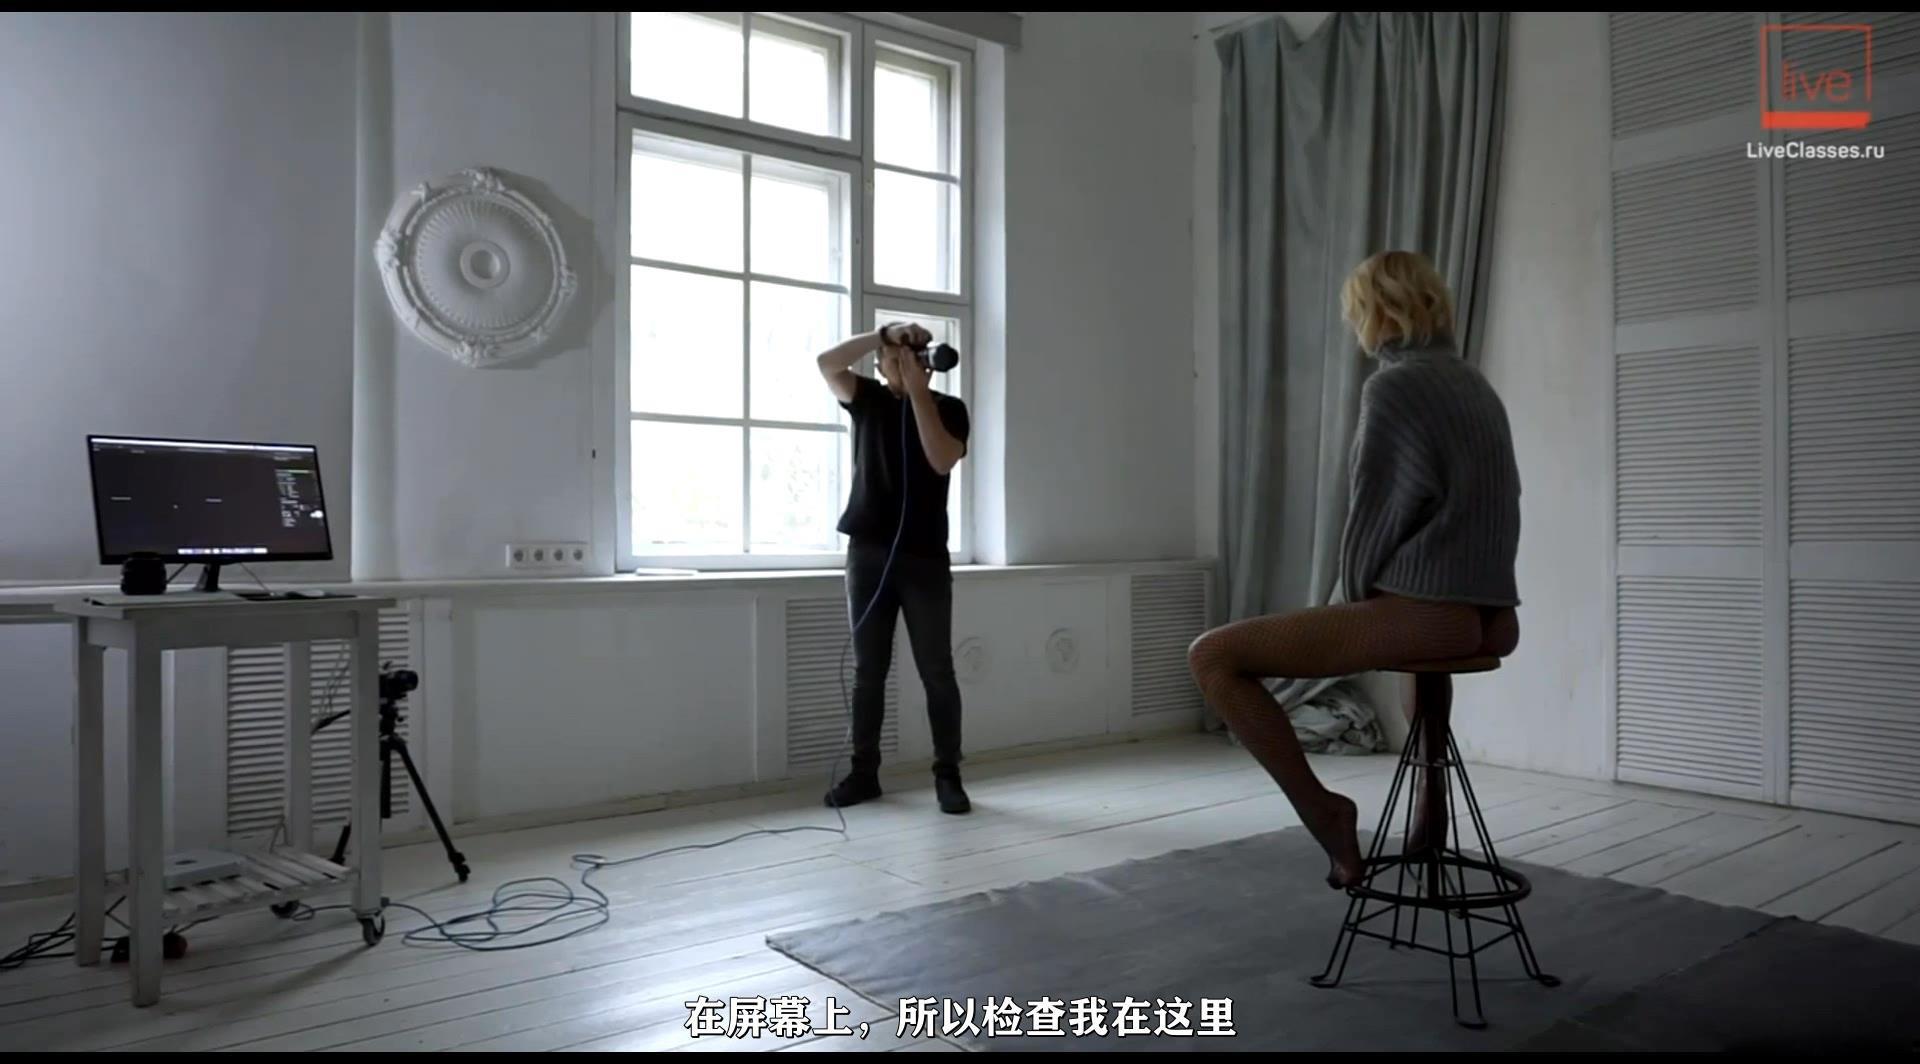 摄影教程_liveclasses -Alexander Talyuka 棚拍人像7种窗户光布光方案-中文字幕 摄影教程 _预览图3